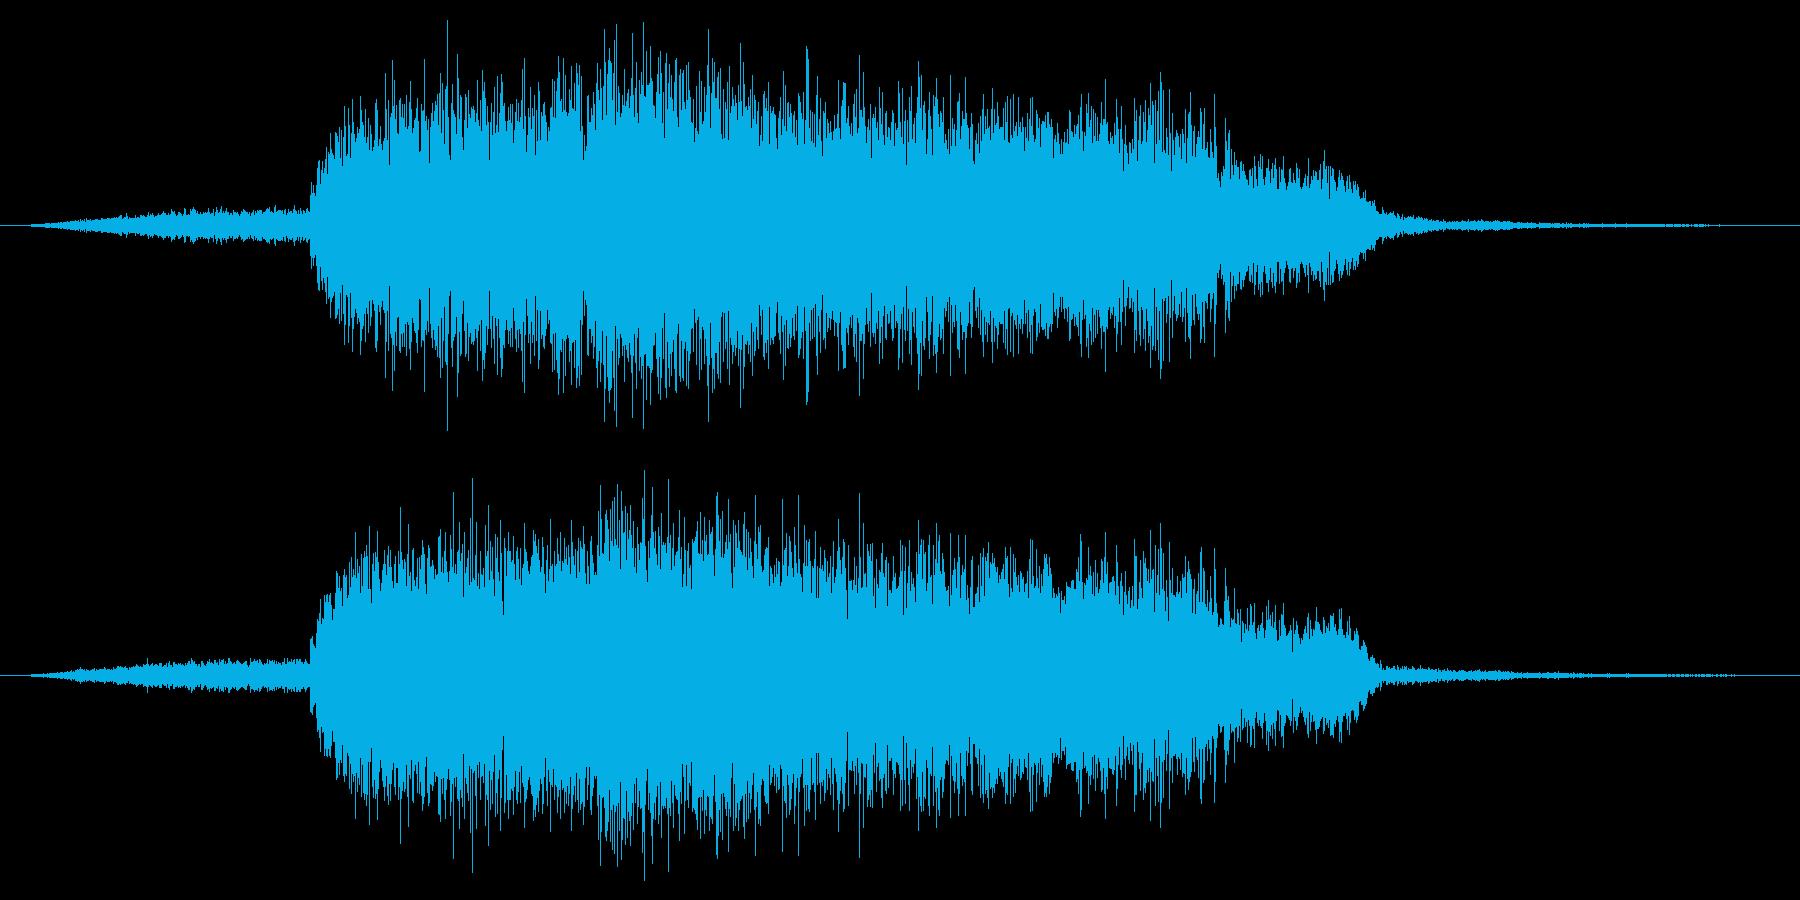 「ギューゥ-ゥ-ン」の再生済みの波形